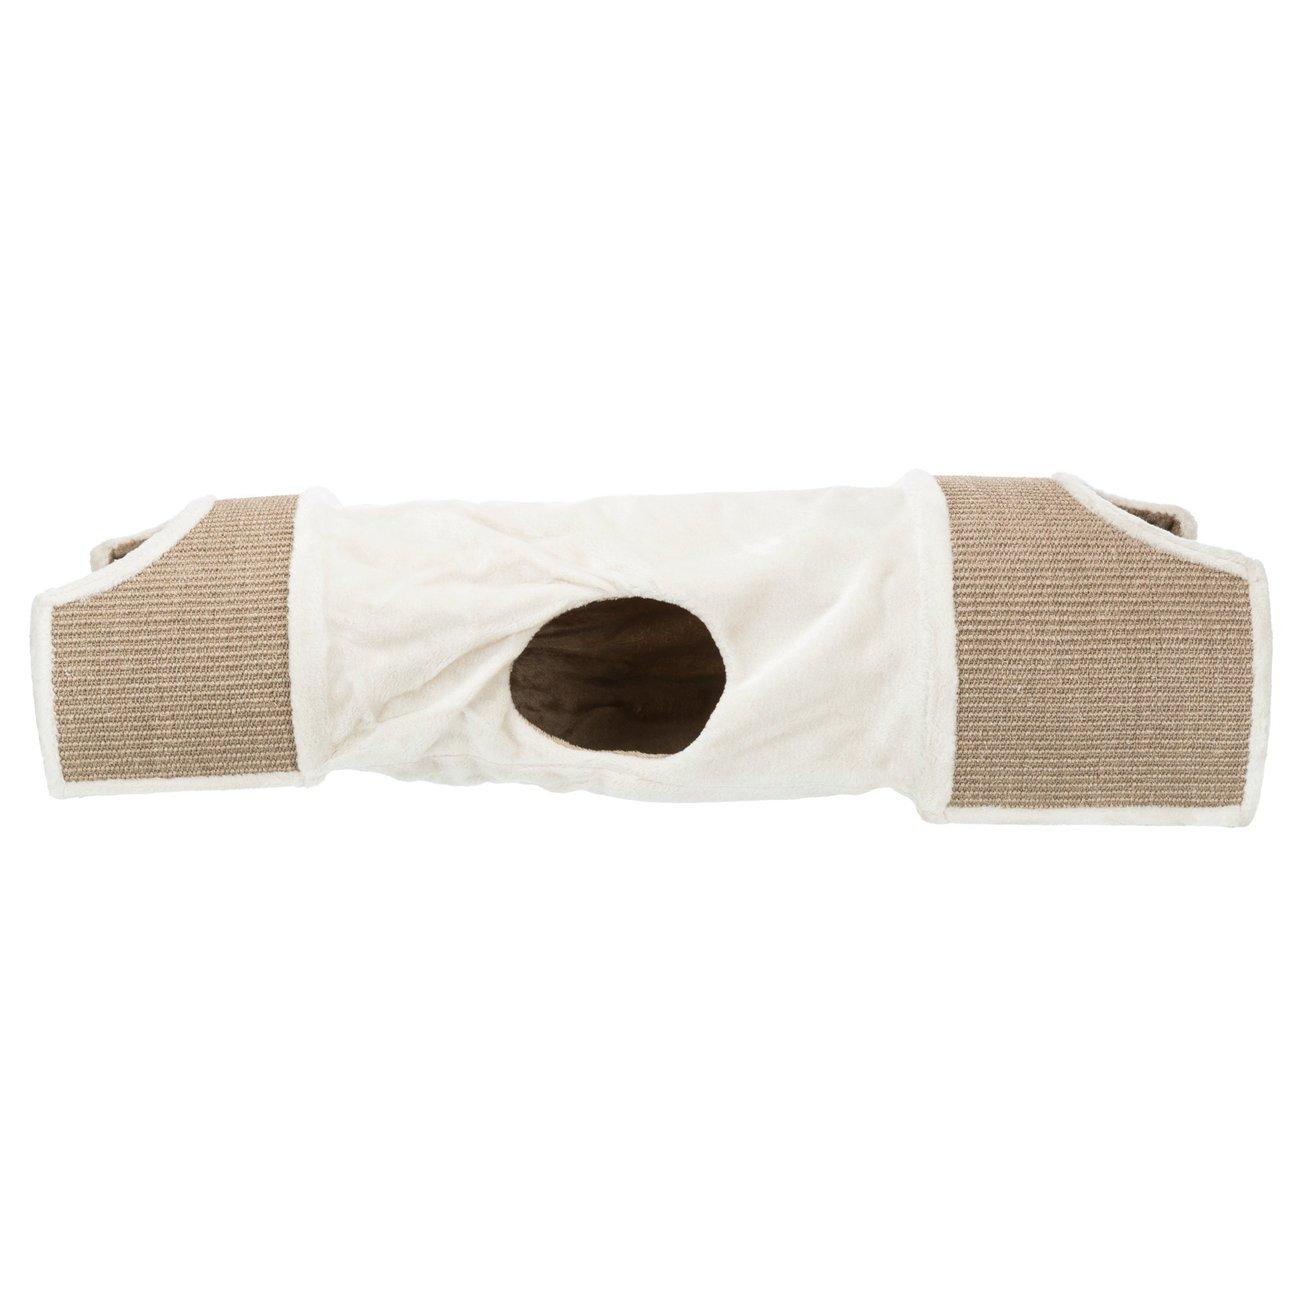 TRIXIE Kratztunnel für Katzen mit Plüsch Bezug 43004, Bild 3